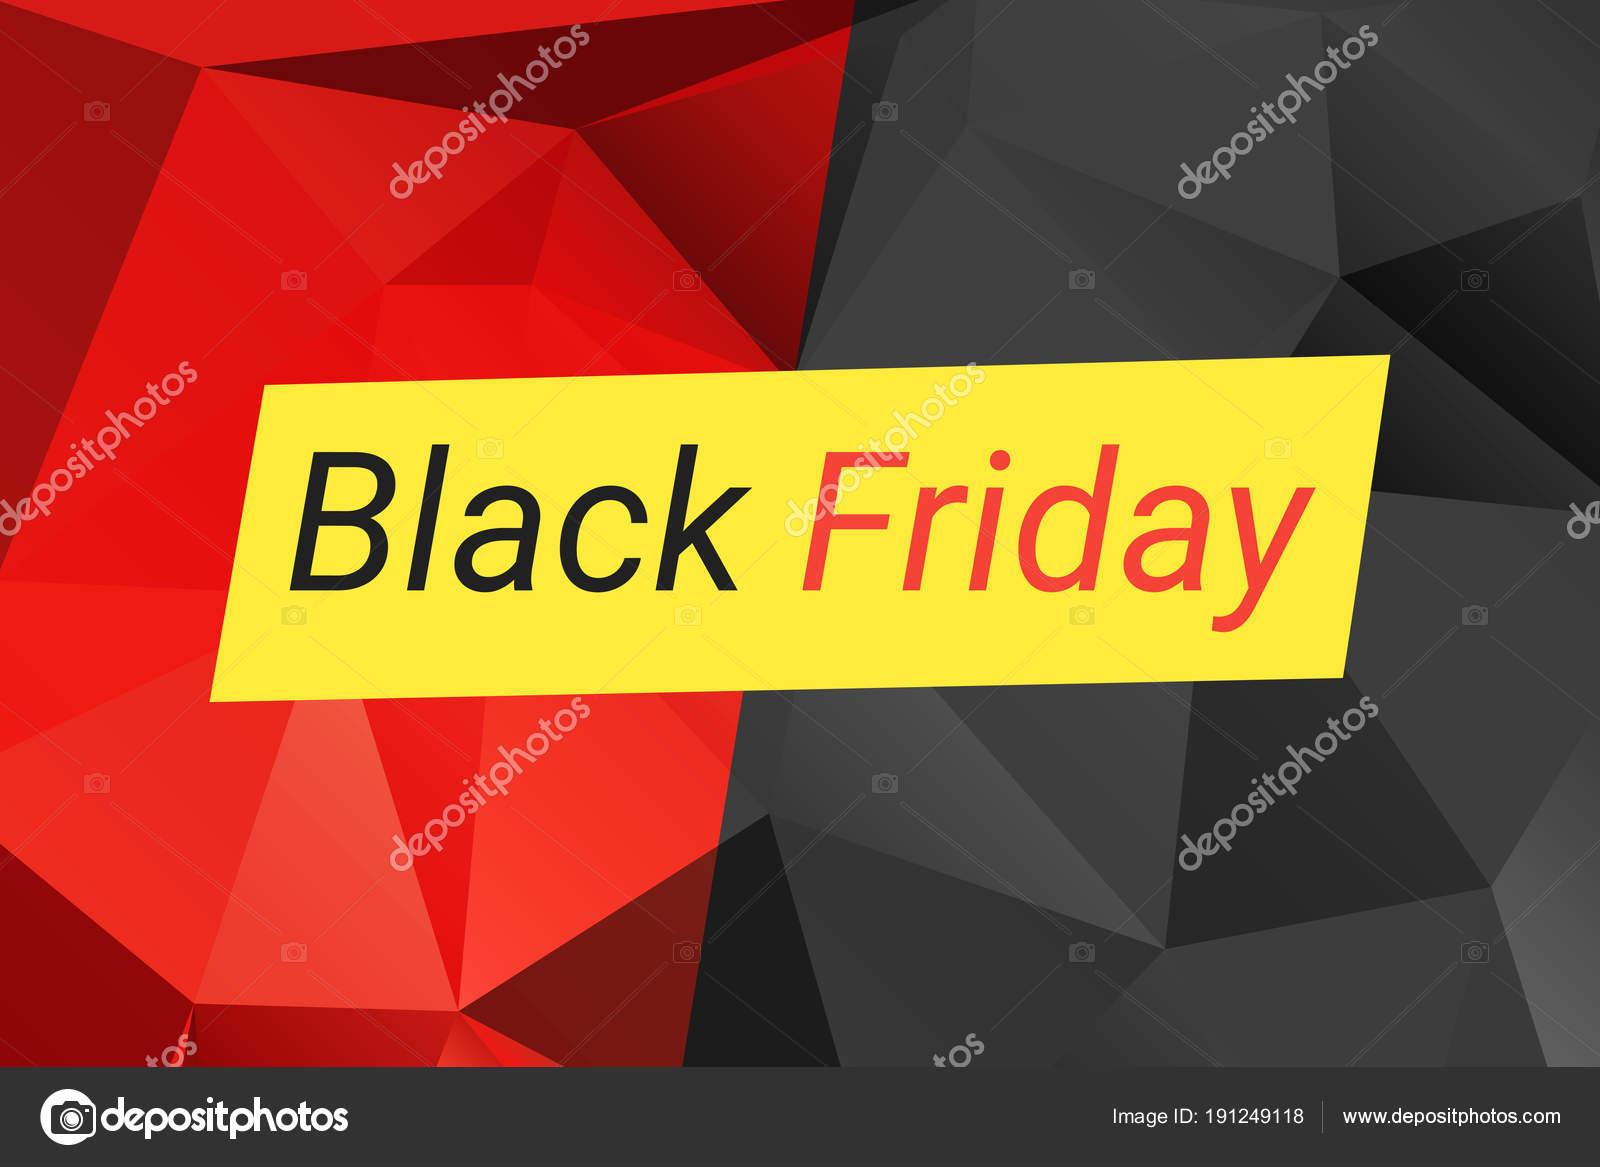 9266f384e Modelo de design de venda sexta-feira negro. Ilustração vetorial com  triângulos em vermelho